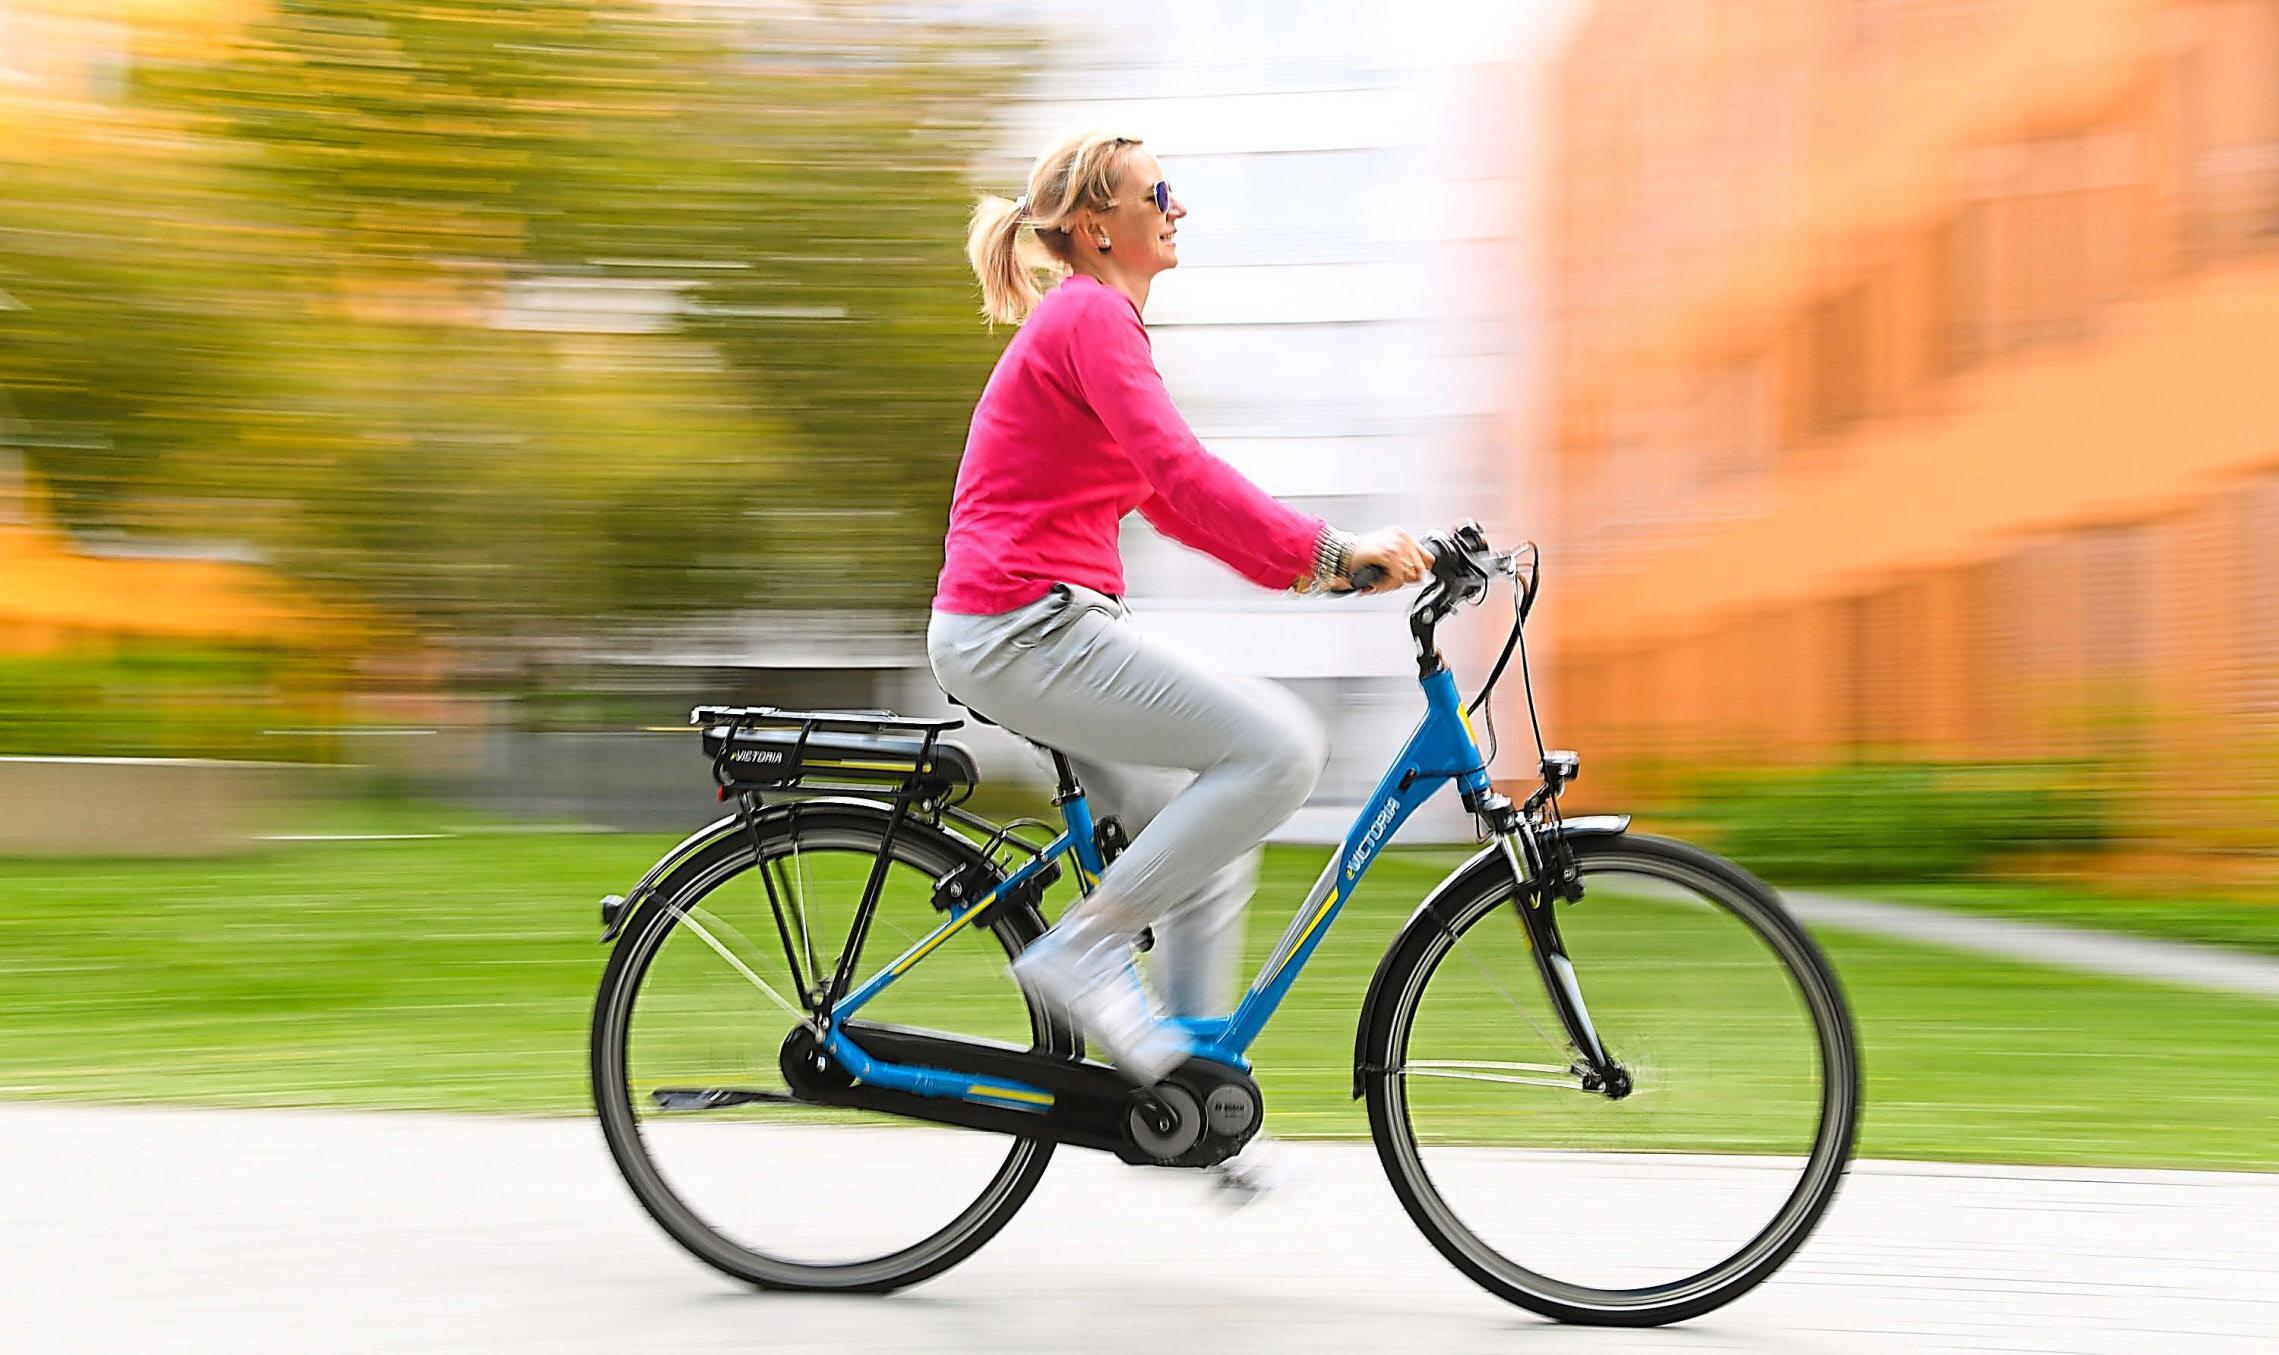 Schneller unterwegs mit dem Zweirad: Mit elektrischer Motorkraft unterstützt ein Pedelec seine Fahrer beim Treten. Foto: Hase/dpa